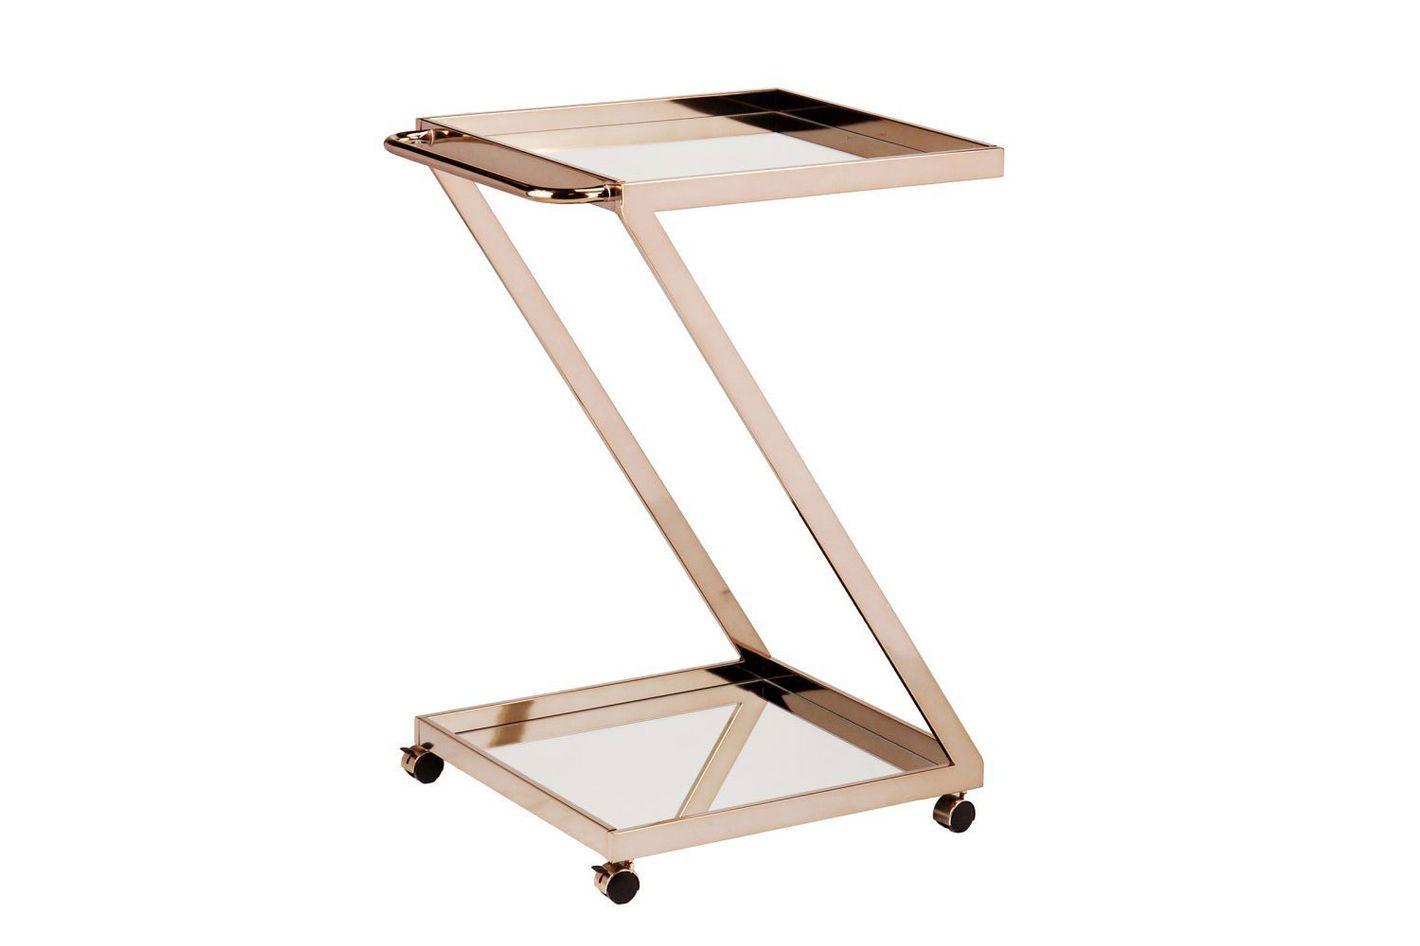 Southern Enterprises Rizer Bar Cart